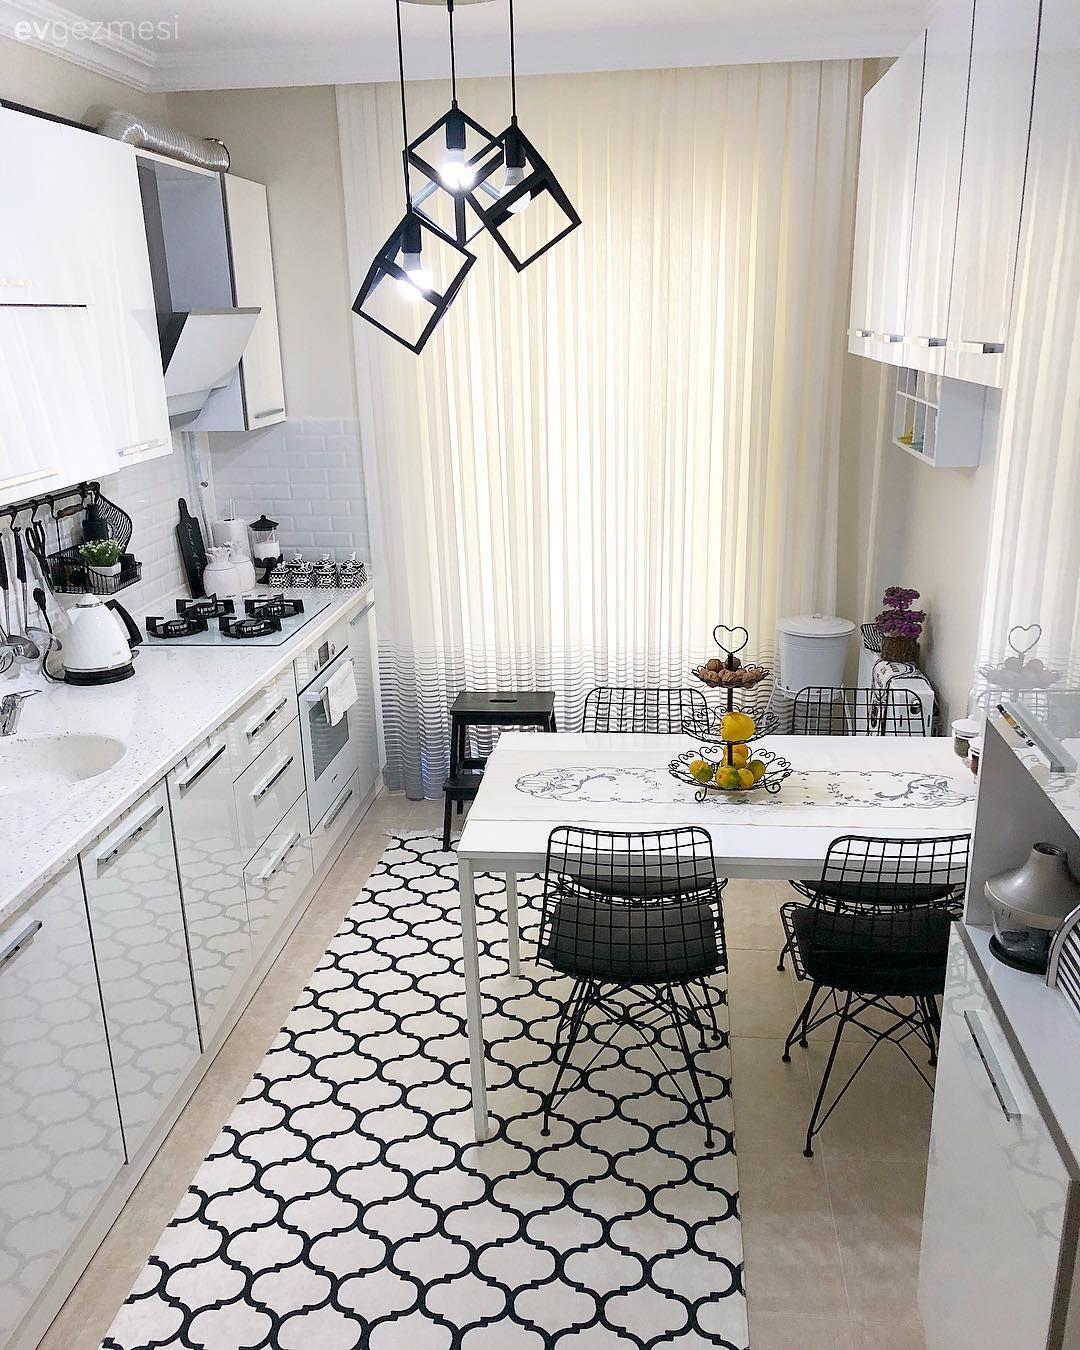 Bu Dubleks Evde Estetik Kadar Kullanışlılık da Ön Planda. | Ev Gezmesi #home